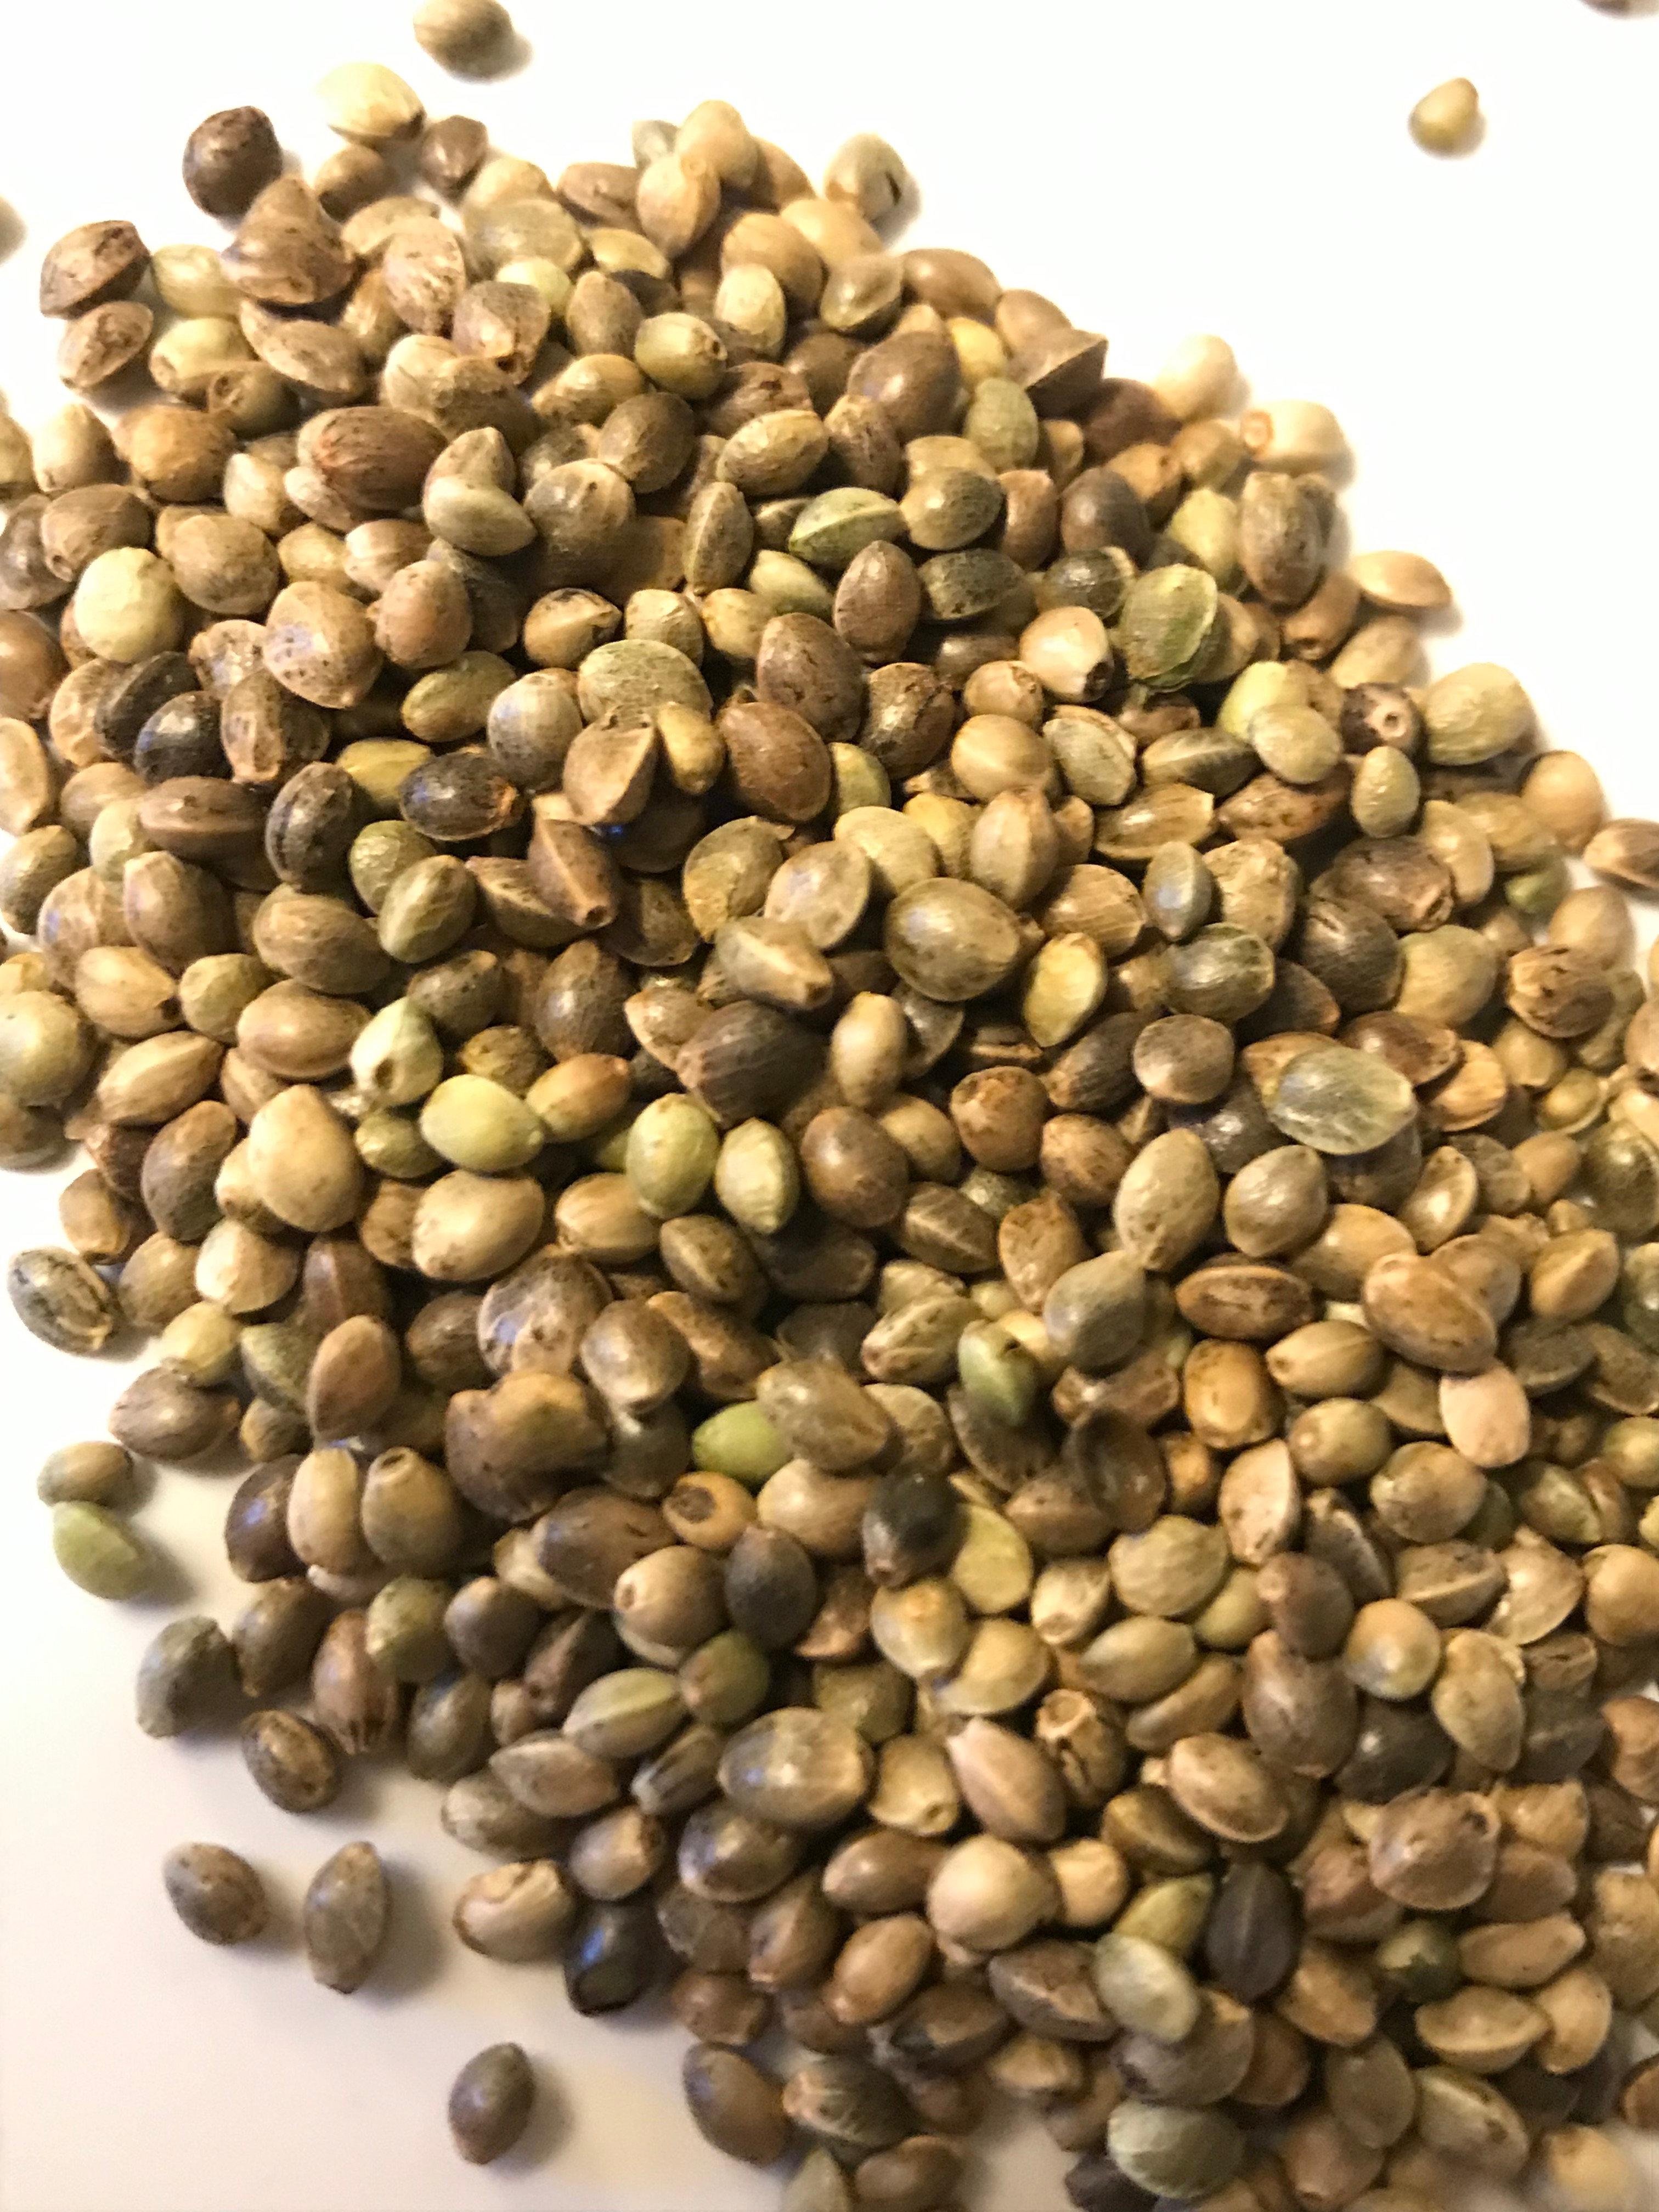 BoAx Hemp Seed